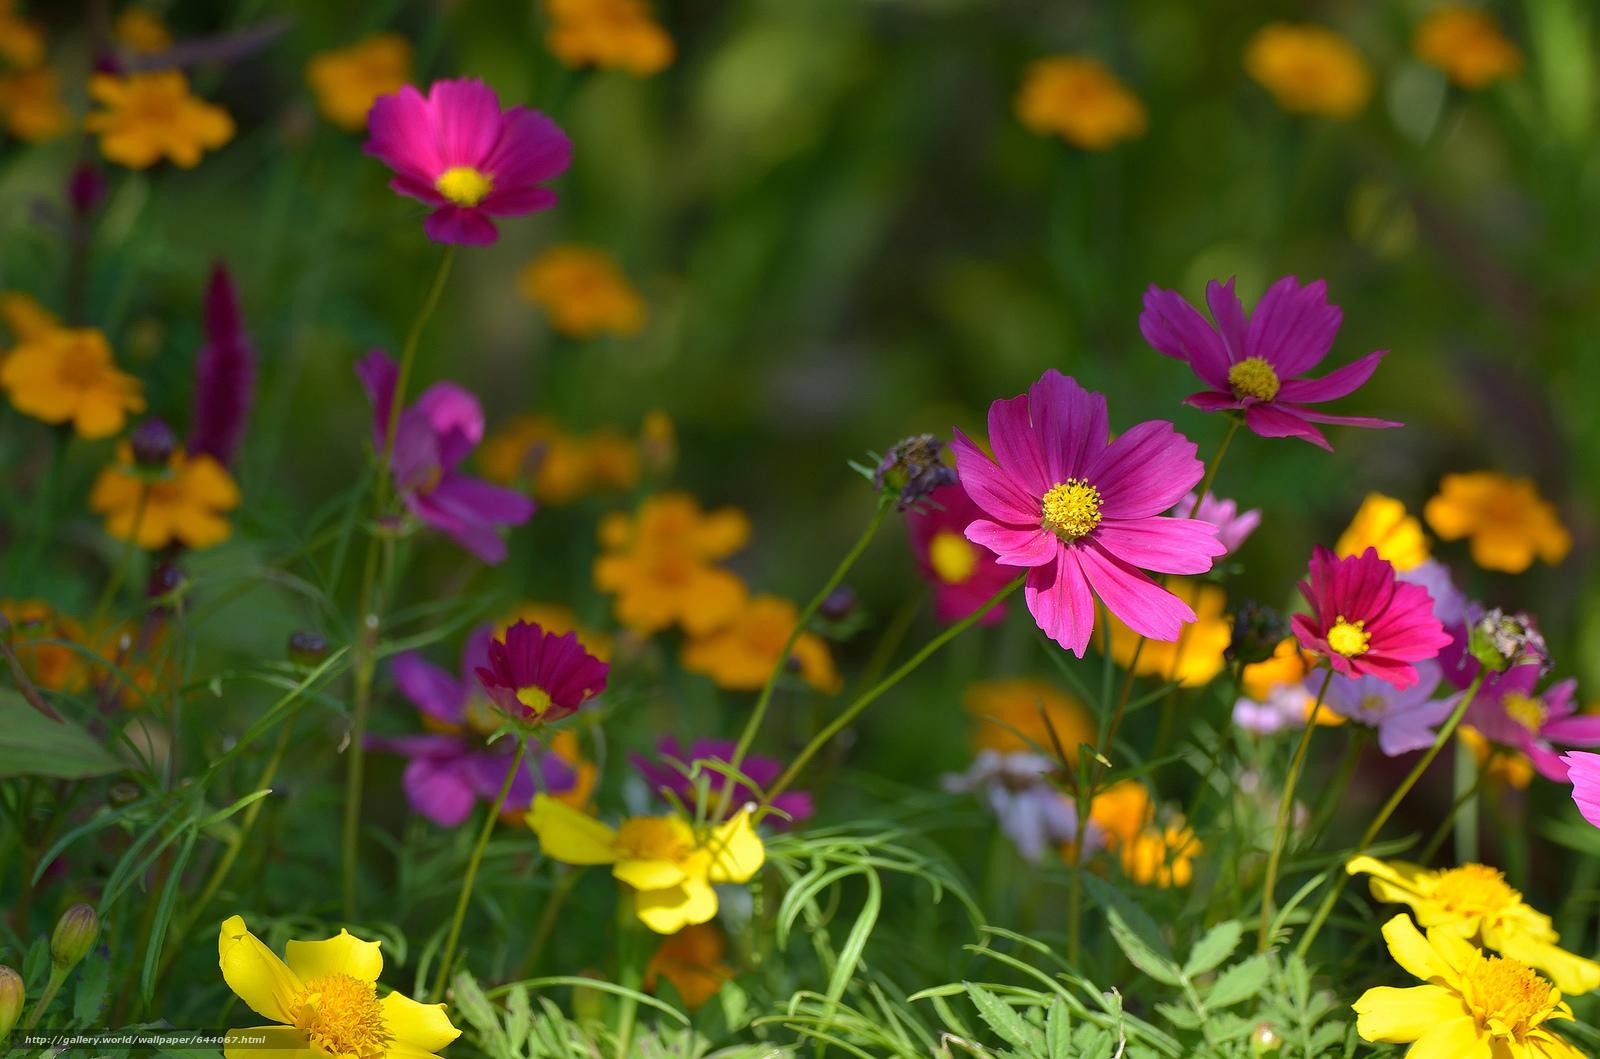 Tlcharger Fond d'ecran Fleurs,  fleur,  kosmeya,  cosmos Fonds d'ecran gratuits pour votre rsolution du bureau 2048x1356 — image №644067